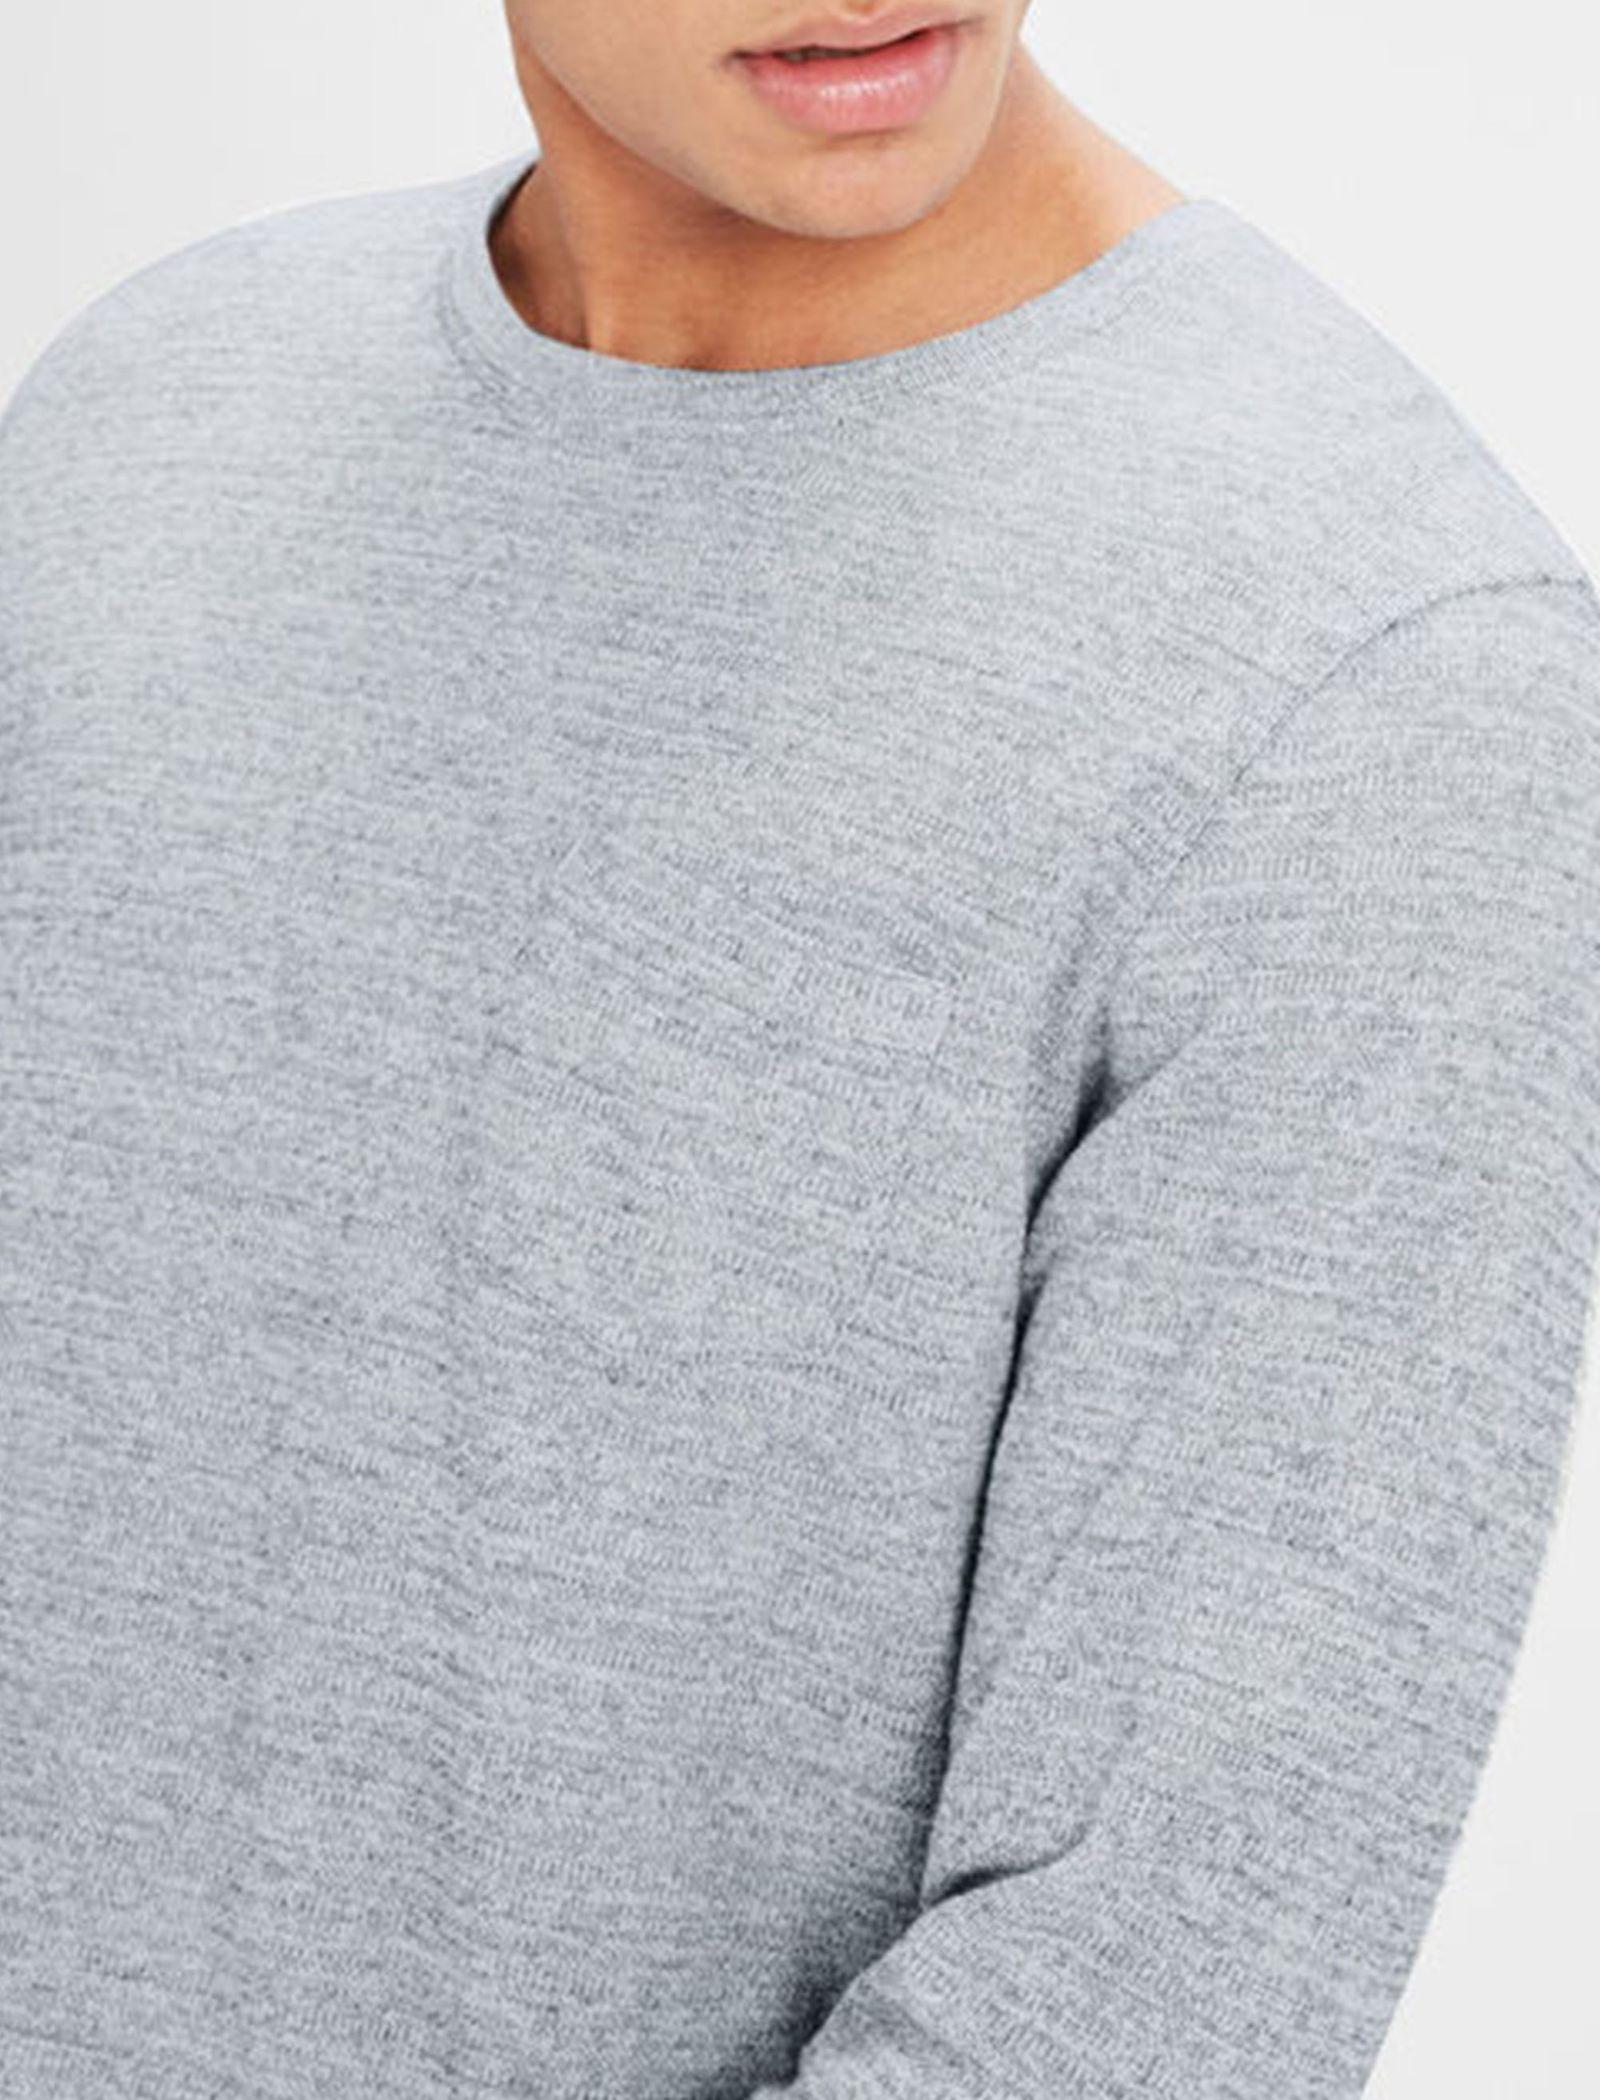 تی شرت نخی آستین بلند مردانه - جک اند جونز - طوسي - 6